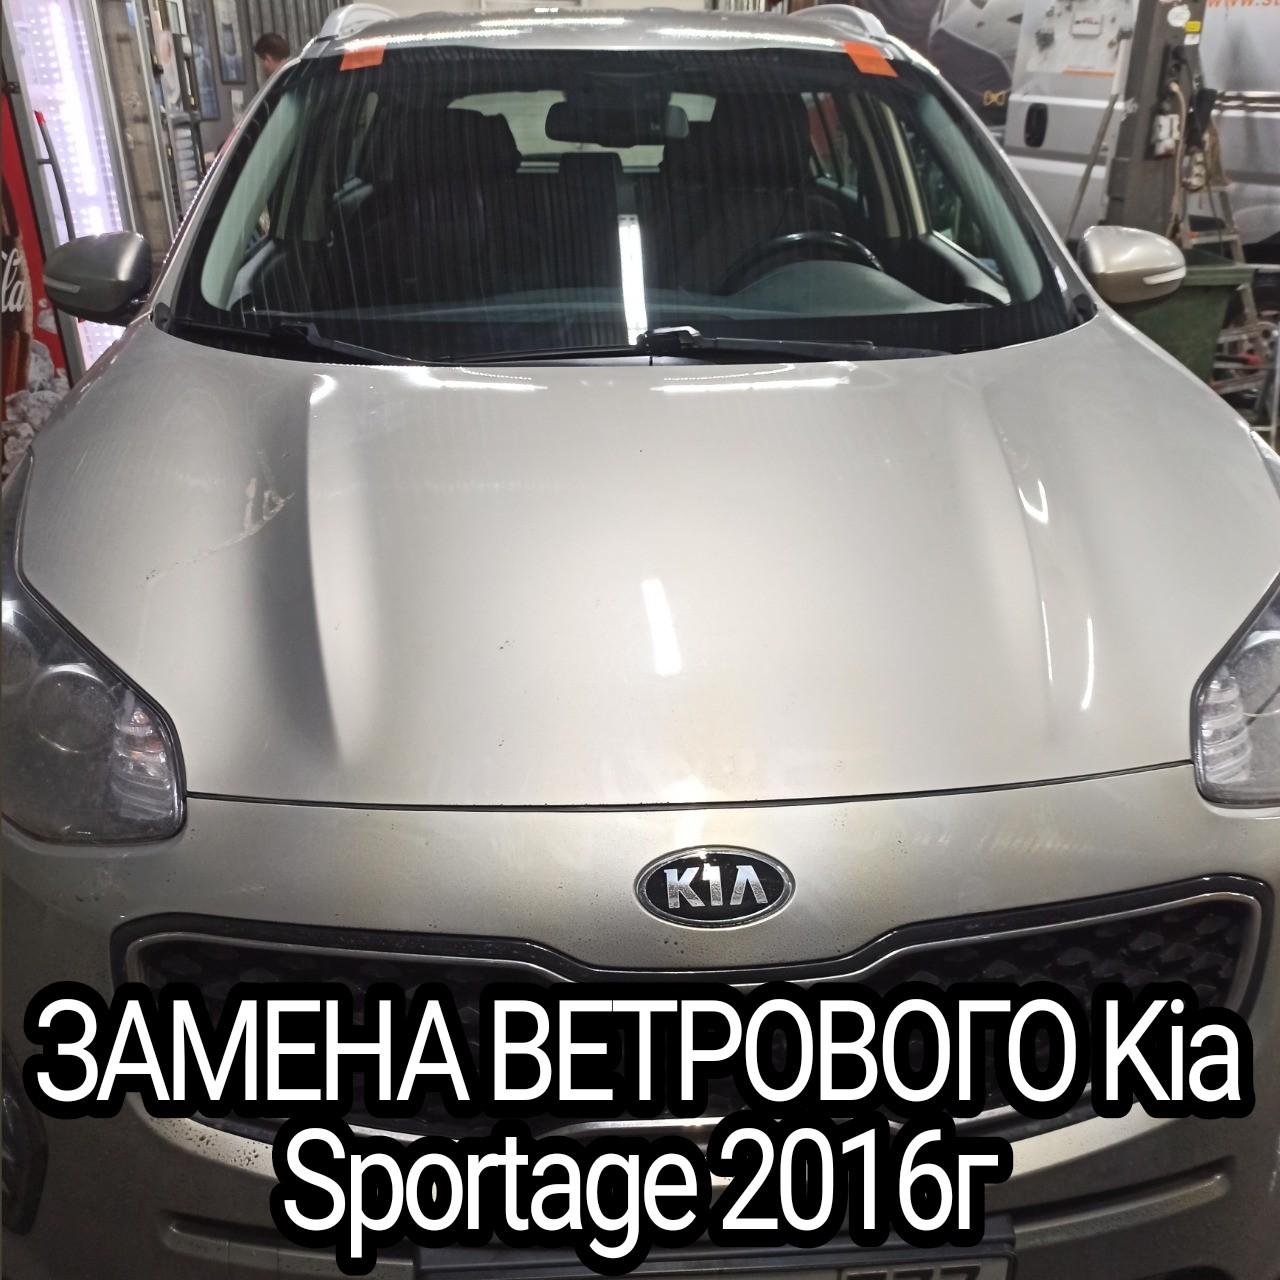 Замена ветрового на Kia Sportage 2016г